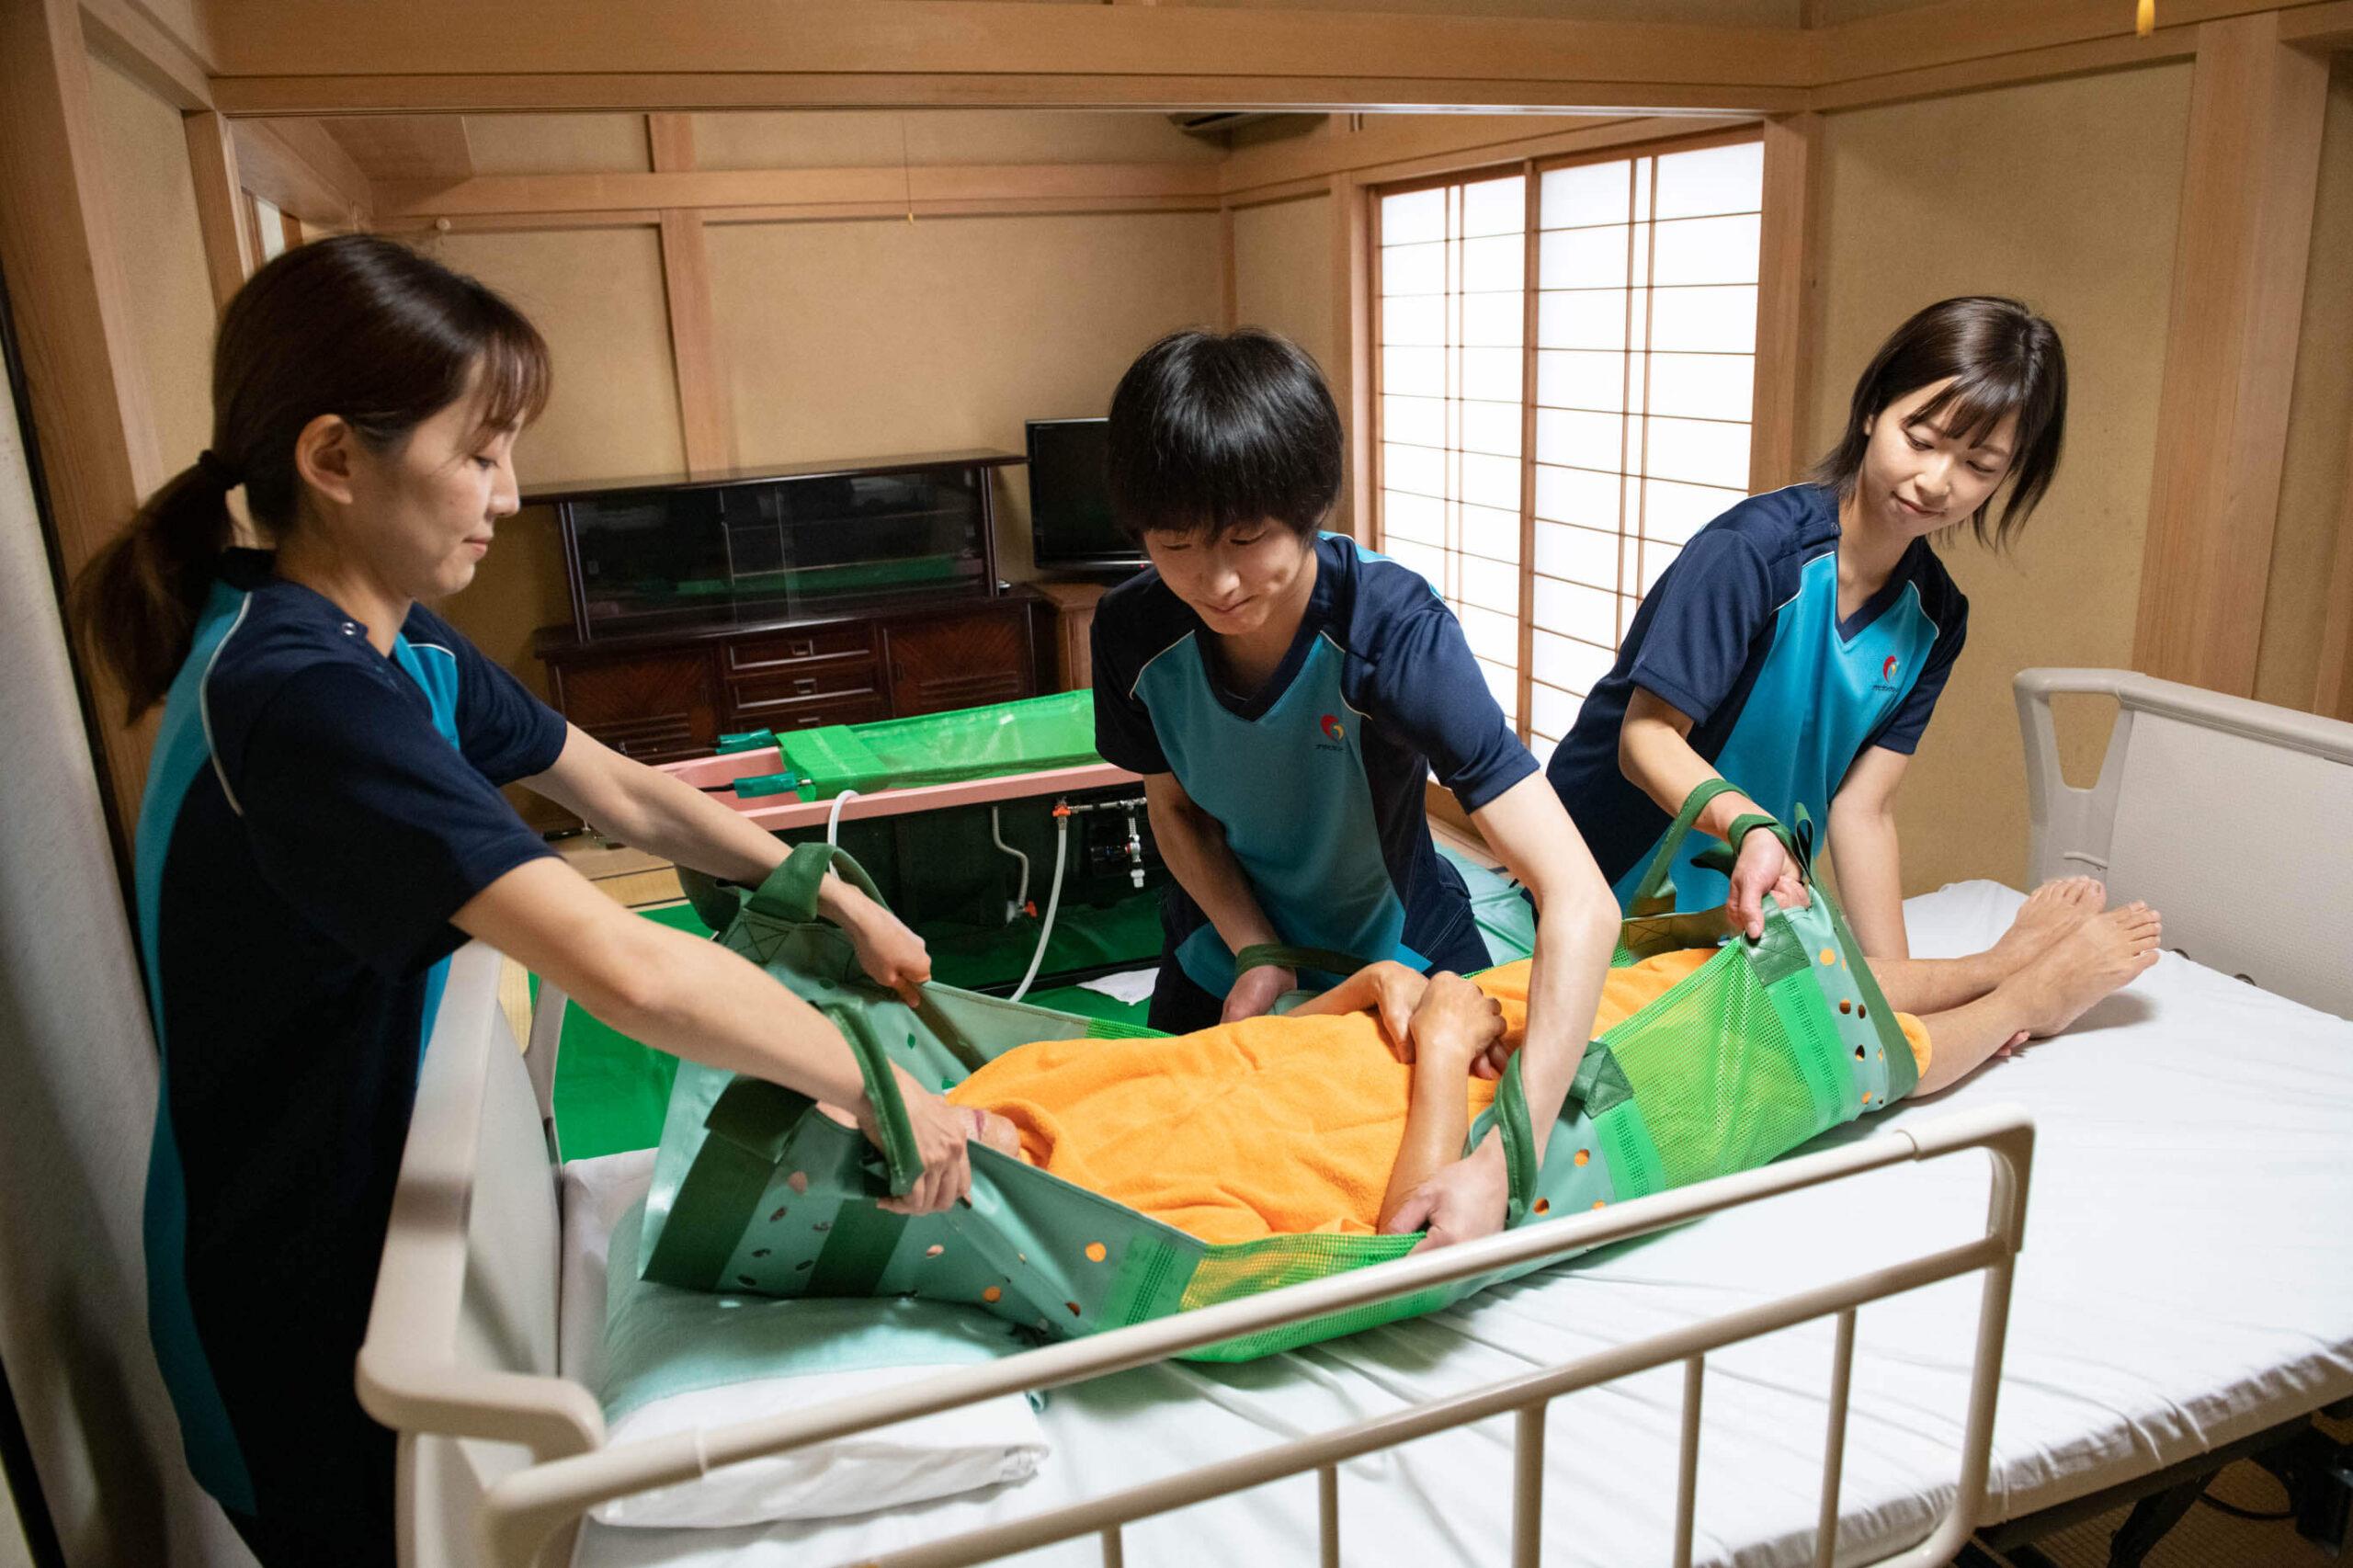 アサヒサンクリーンの女性社員2人と男性社員1人が要介護者をベットに移している写真